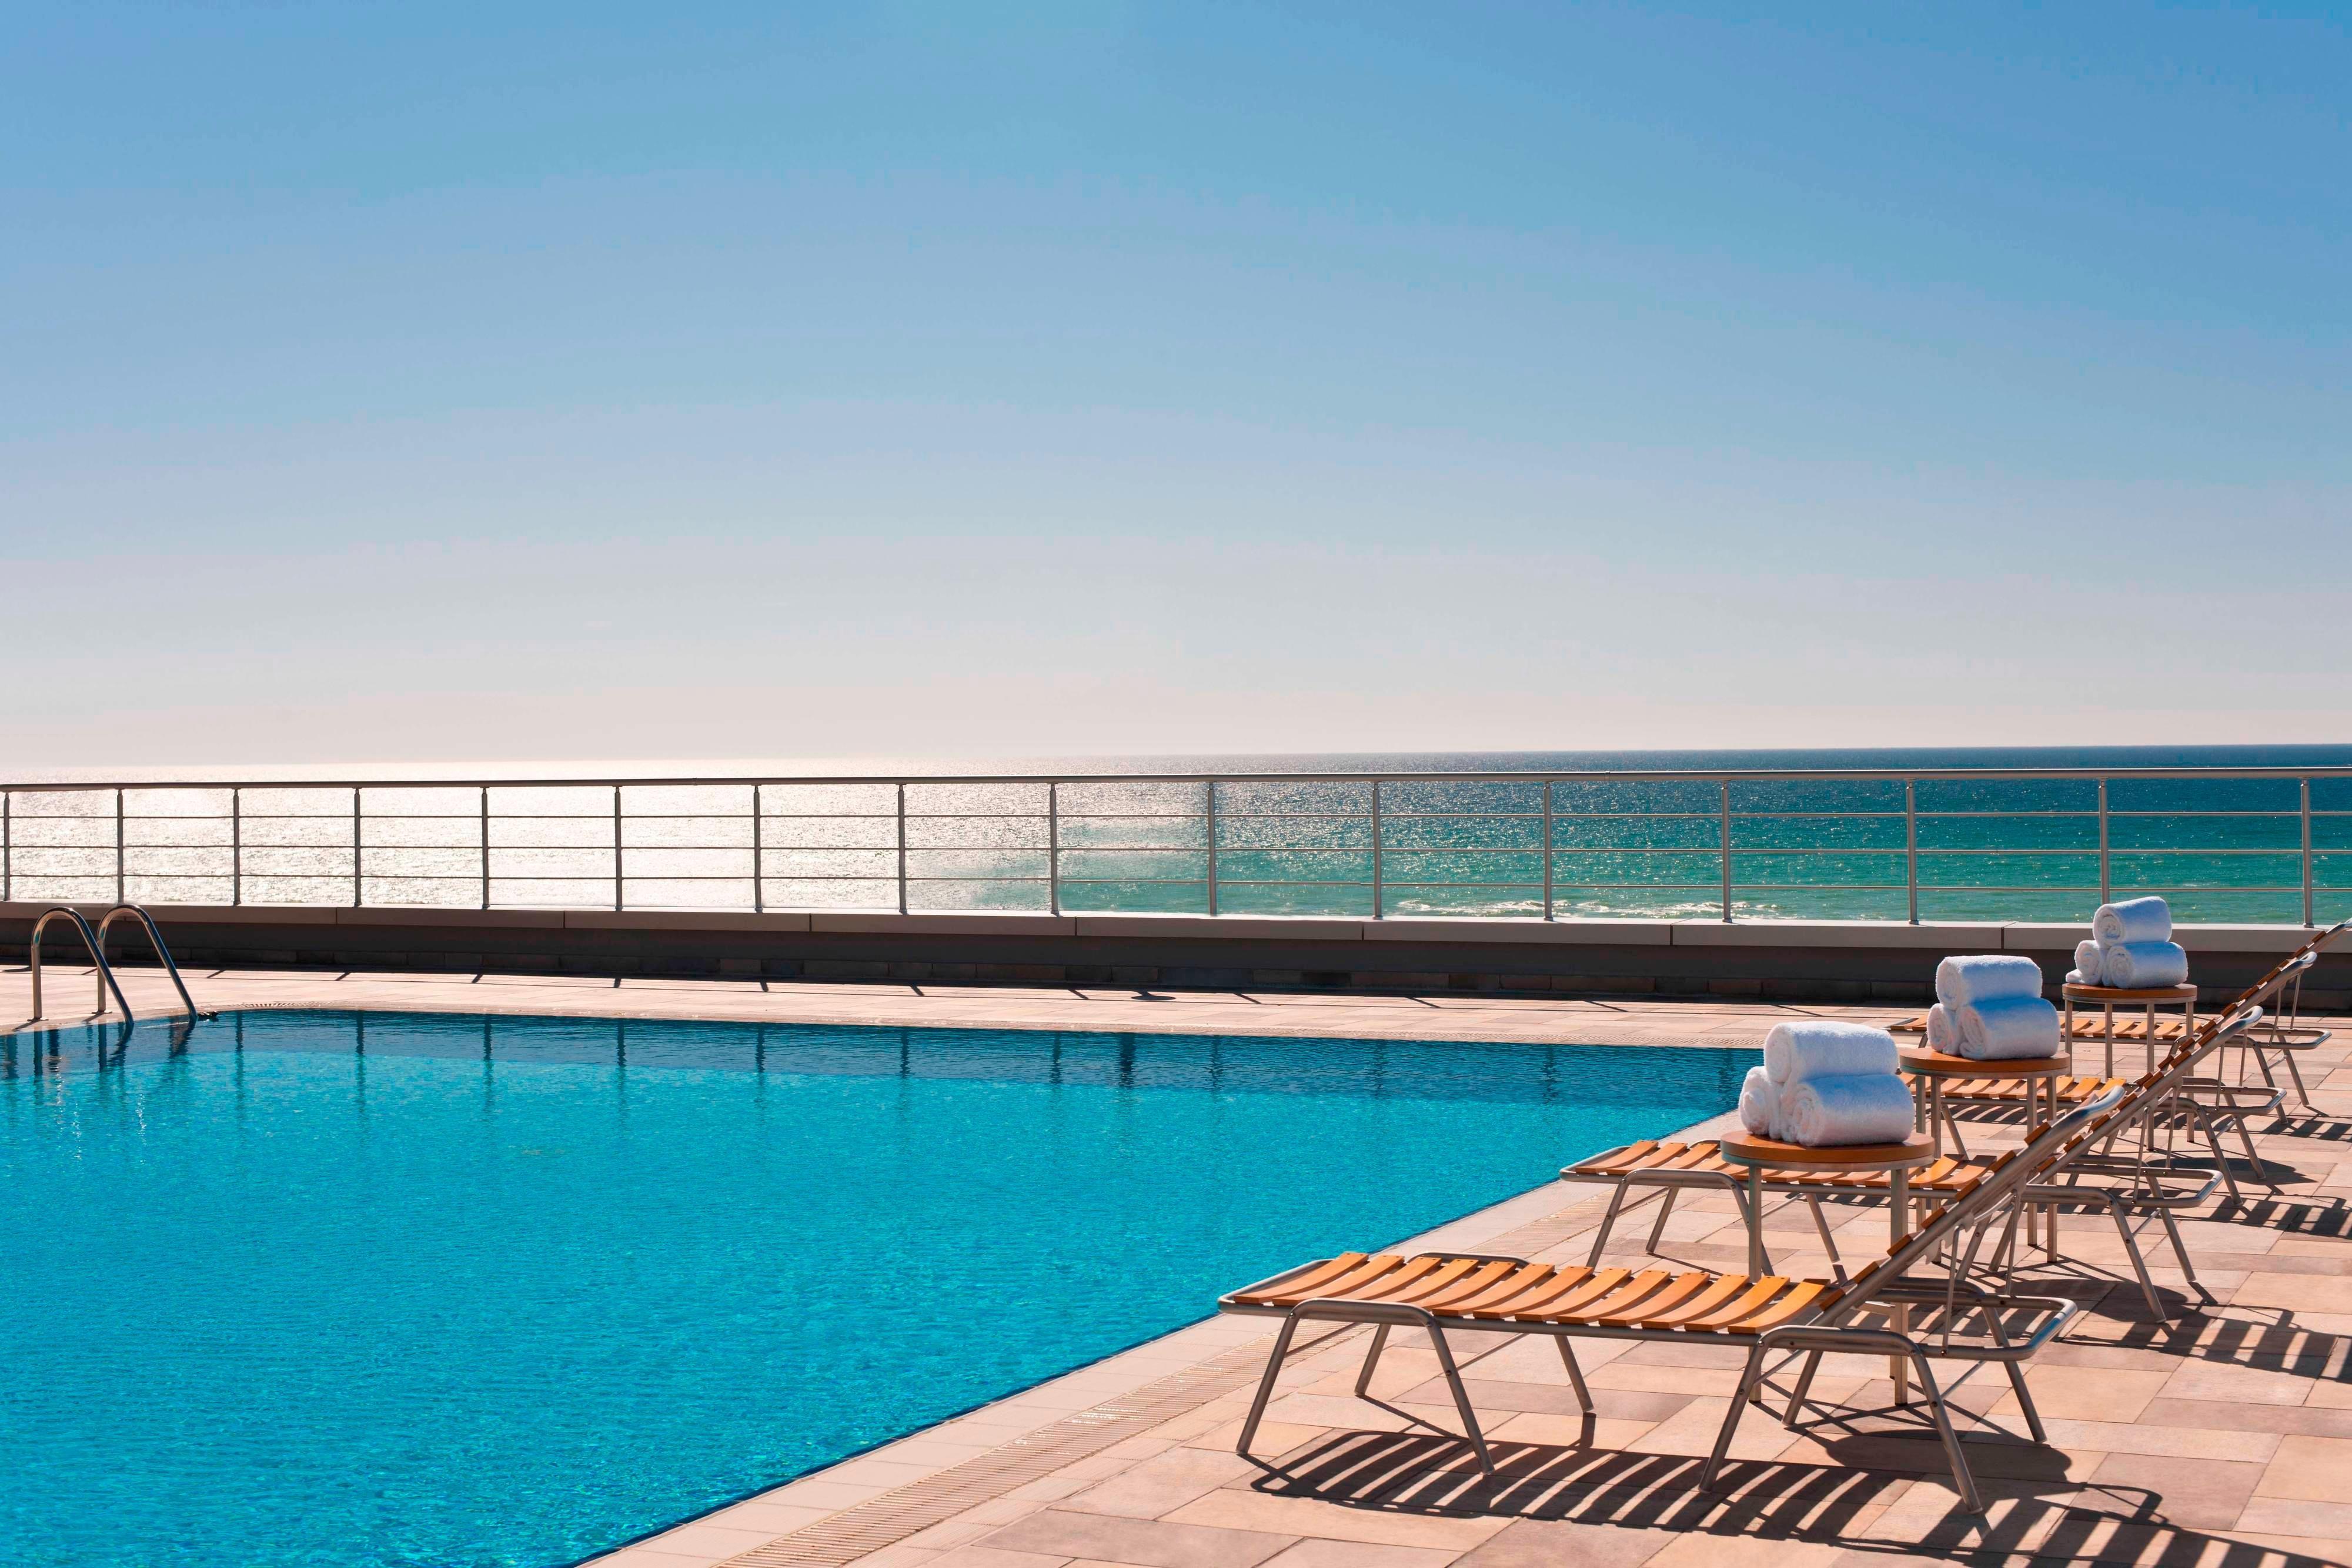 Открытый бассейн в отеле Renaissance (Актау)